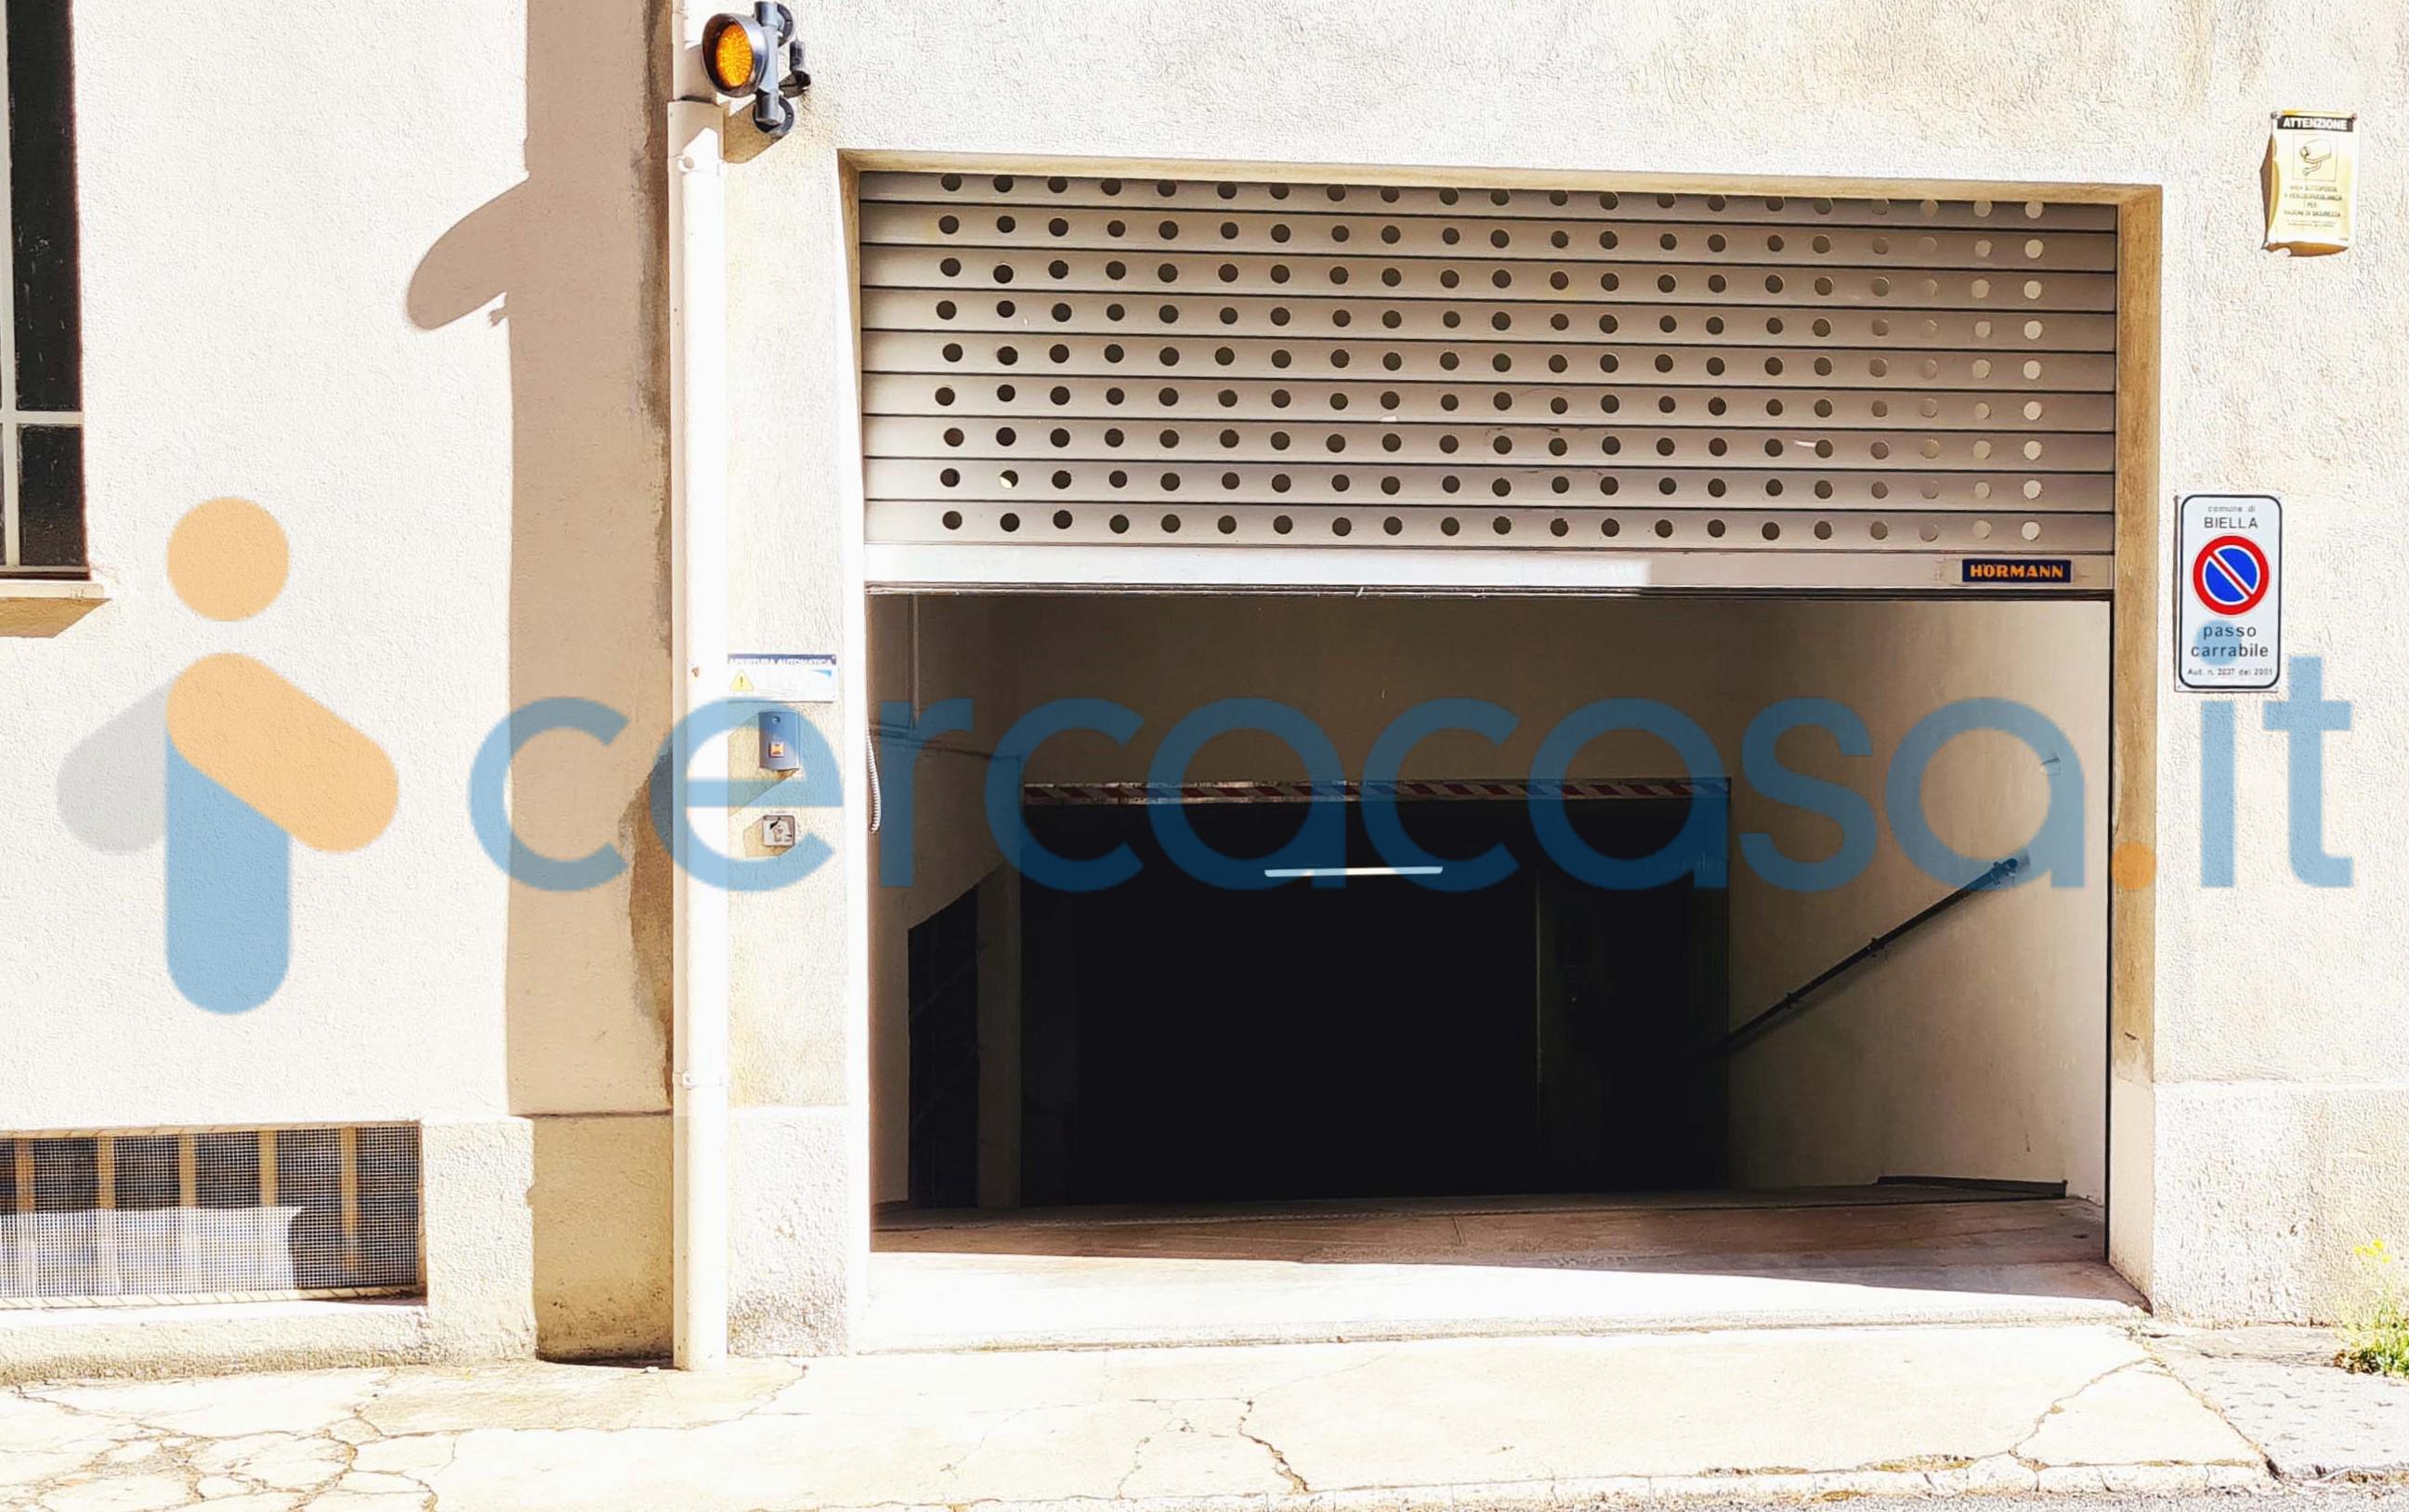 _garage-_n__002e-1-in-vendita-in-_via-_monte-_mucrone__002c-6-__2013-_biella